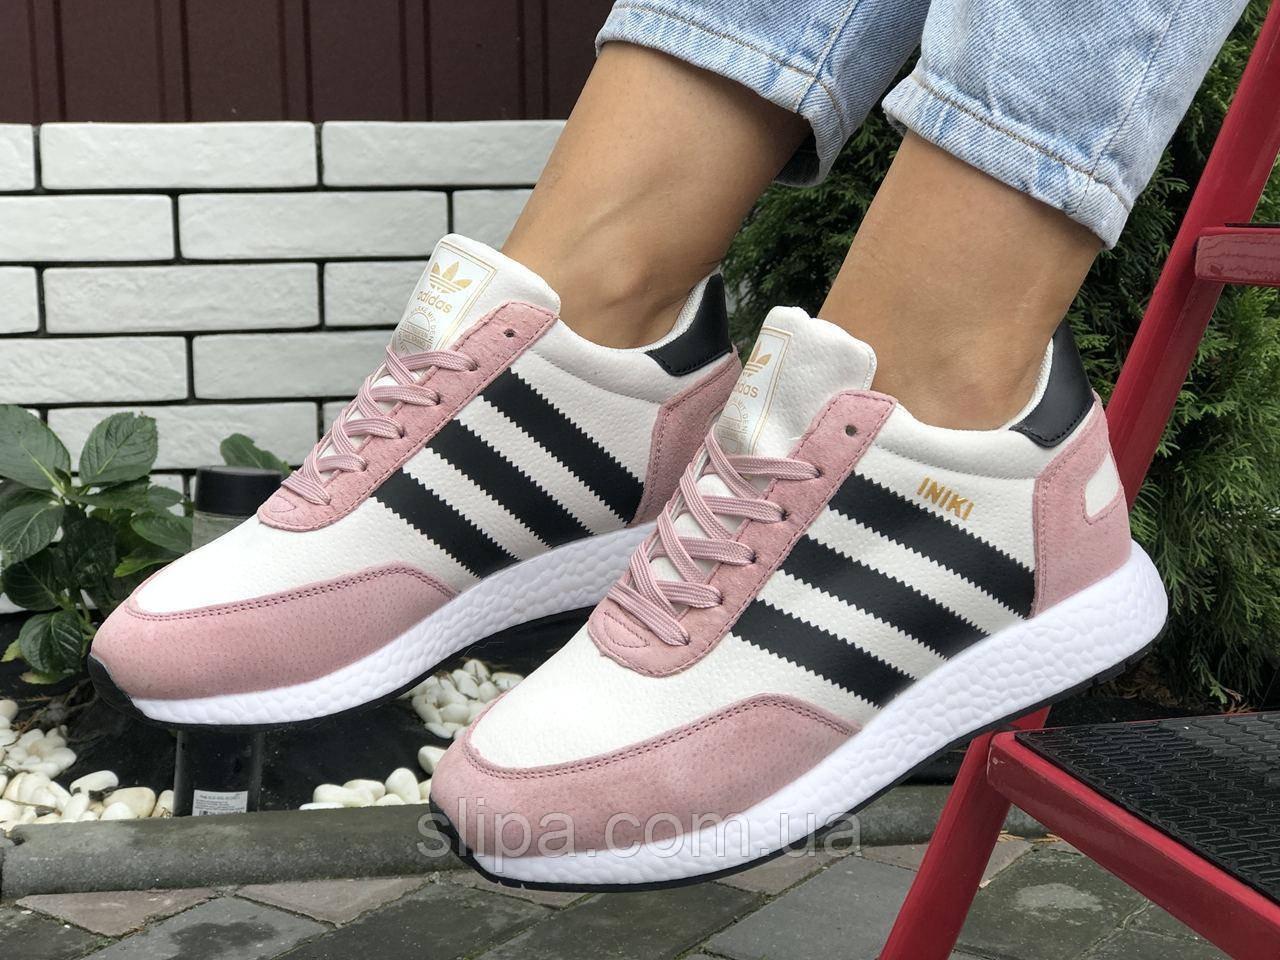 Женские замшевые зимние кроссовки Adidas Iniki